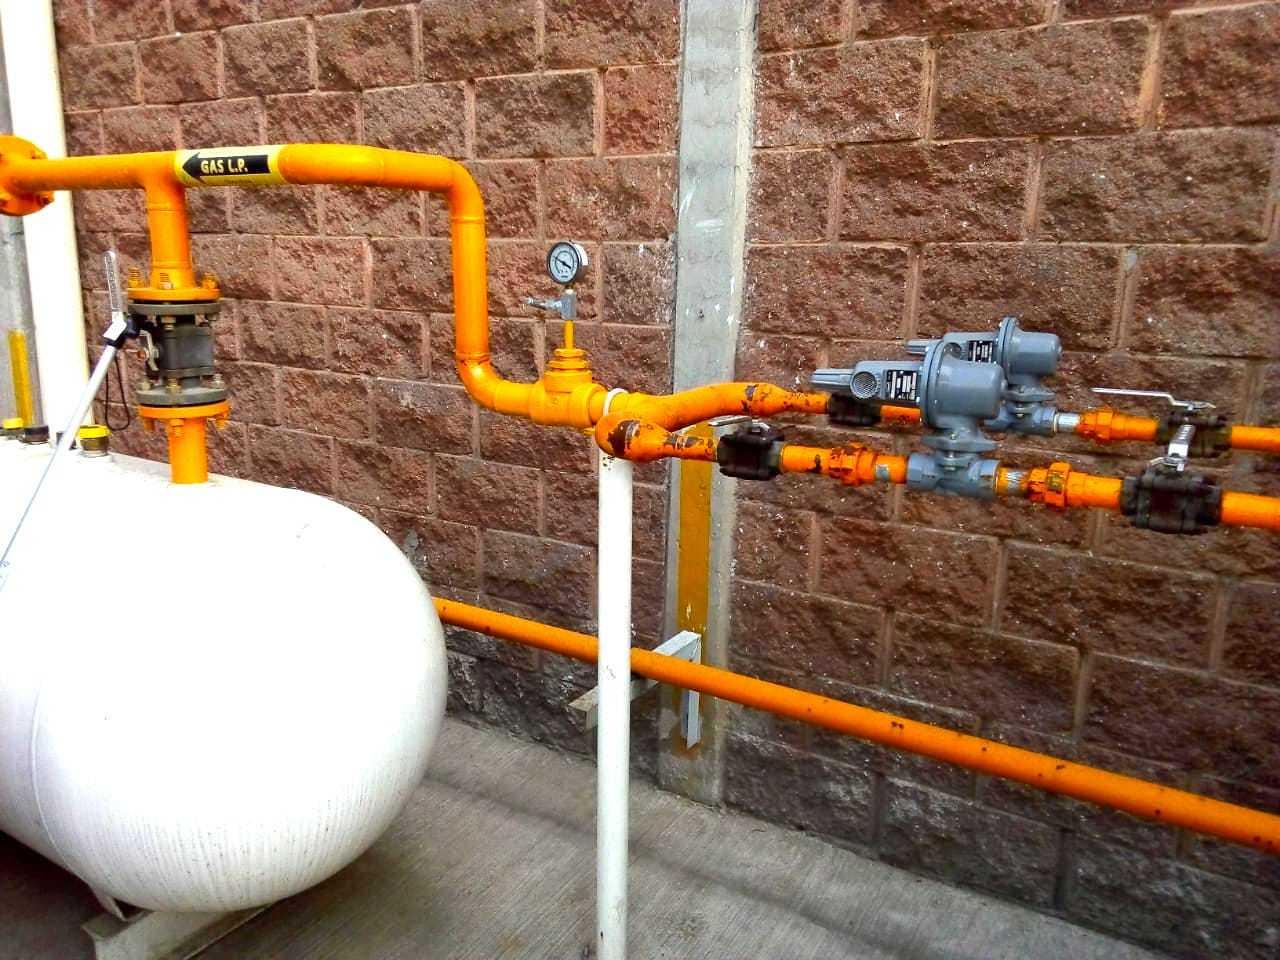 instalación de tanques estacionarios en mexico Instalación de tanques estacionarios en mexico – Gaslink Instalacion de P al P y de cobre en Naucalpan para Gas LP